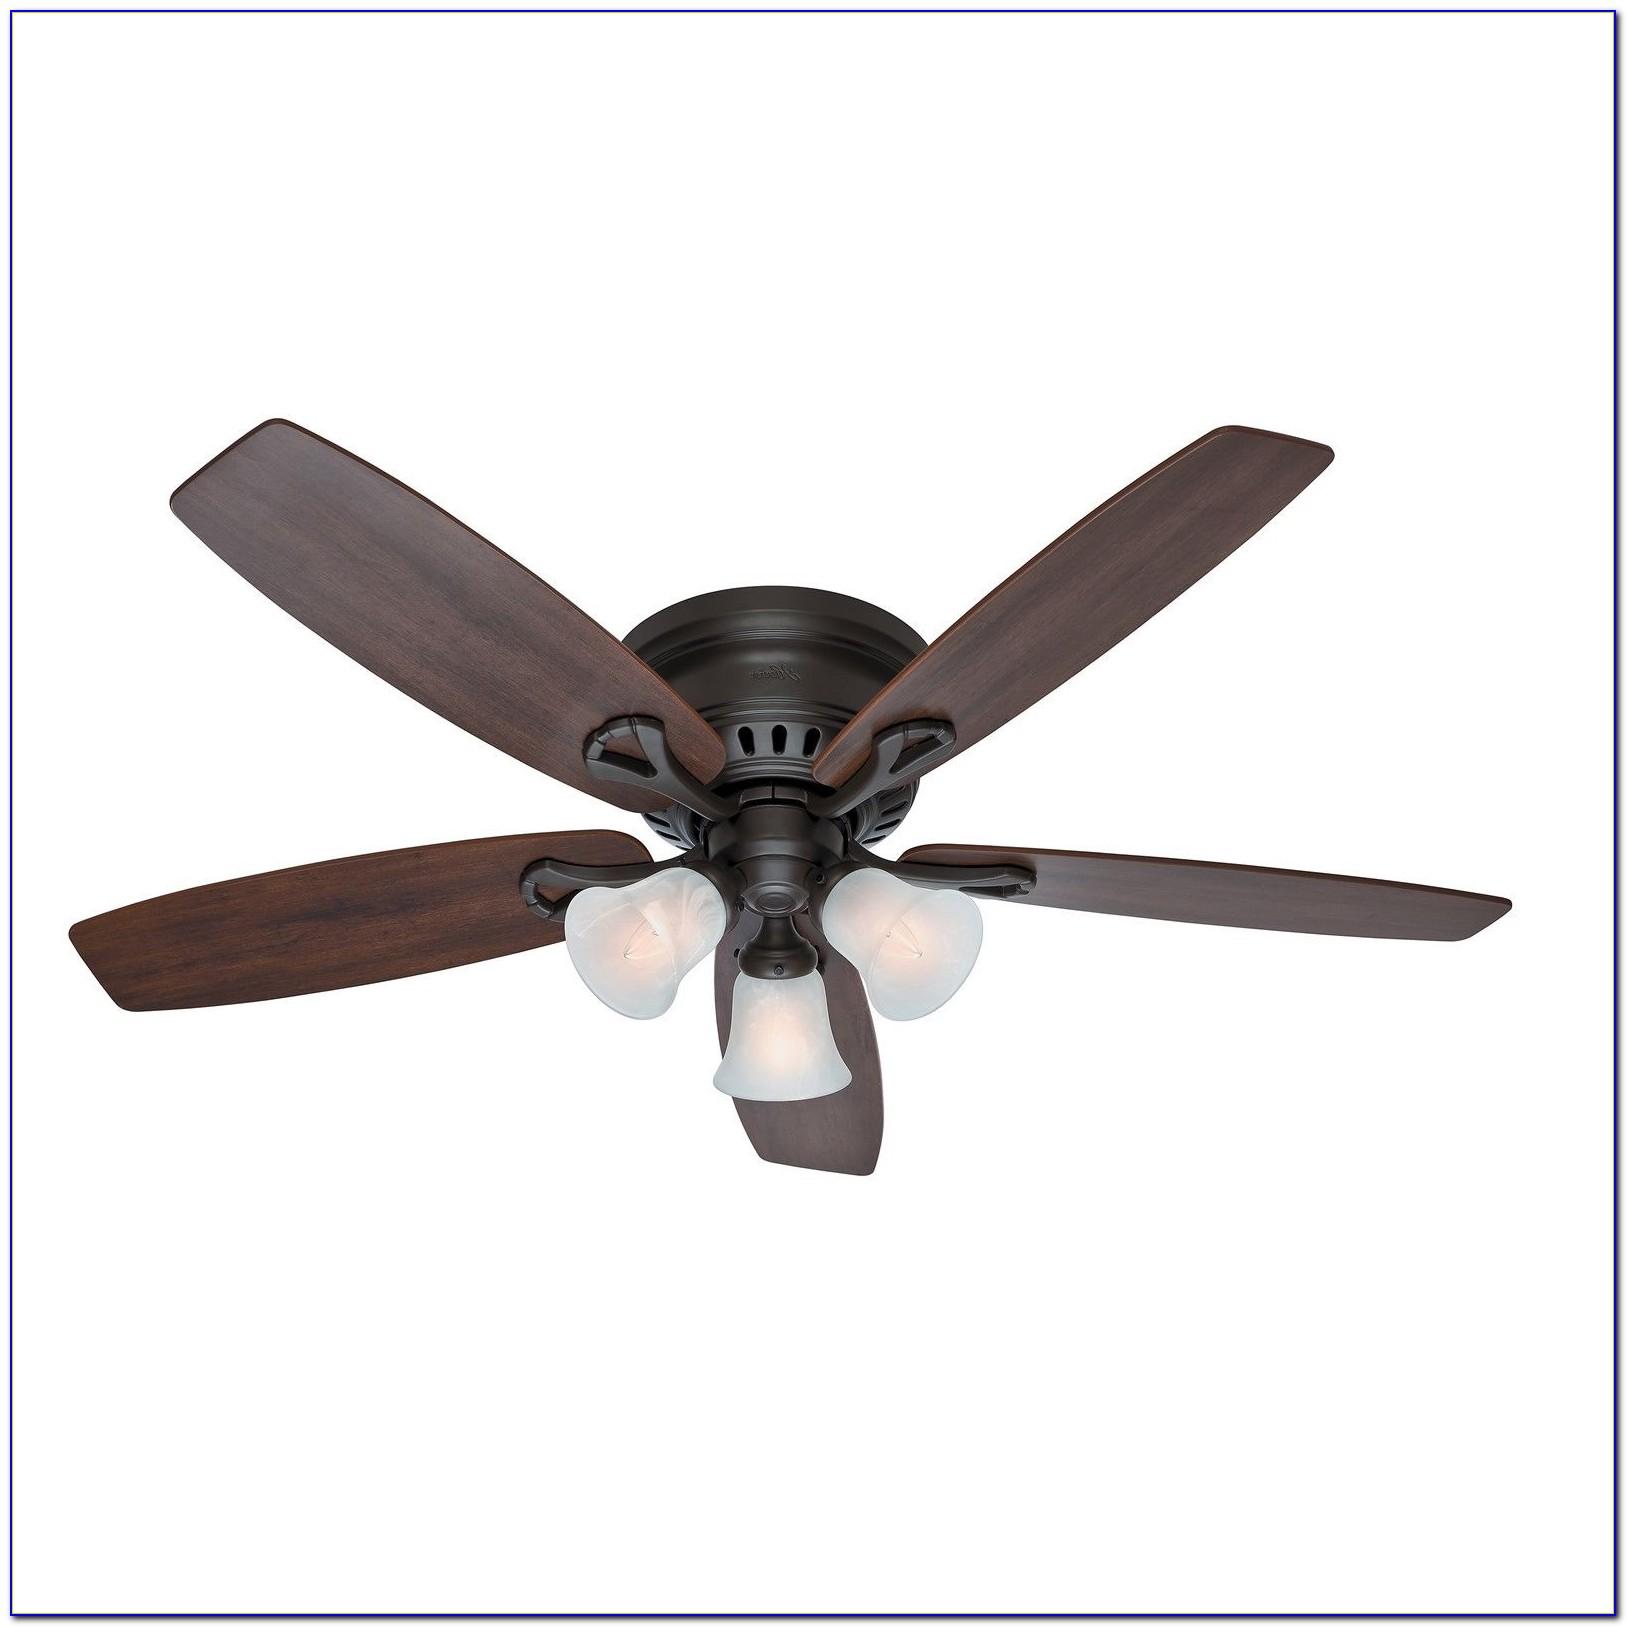 Hunter Ceiling Fan Motor Noise